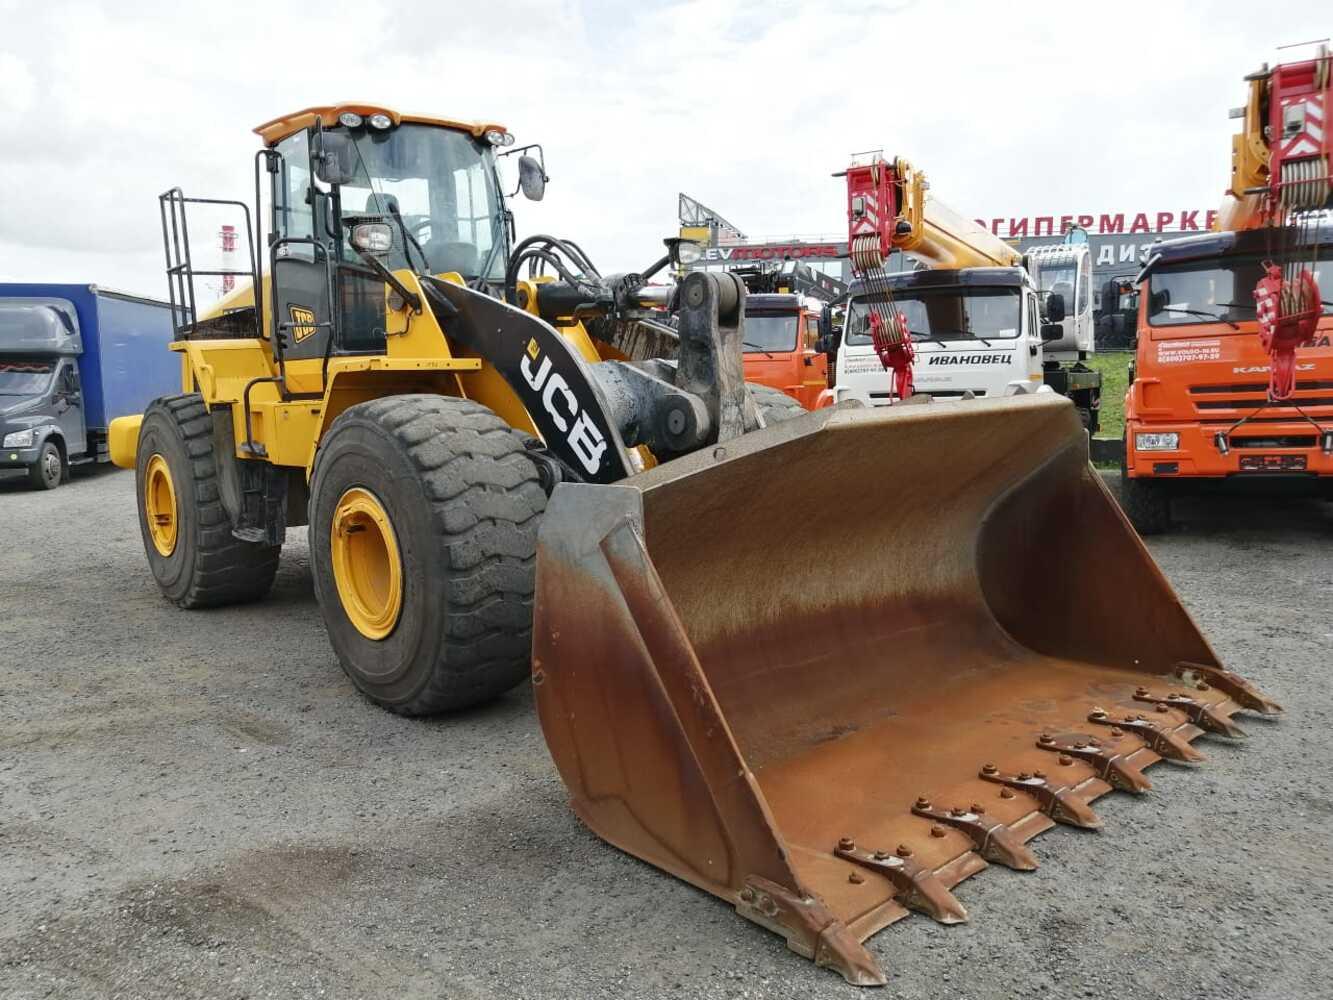 Фронтальный-погрузчик JCB 467 ZX, г.п. 7,5 тонн